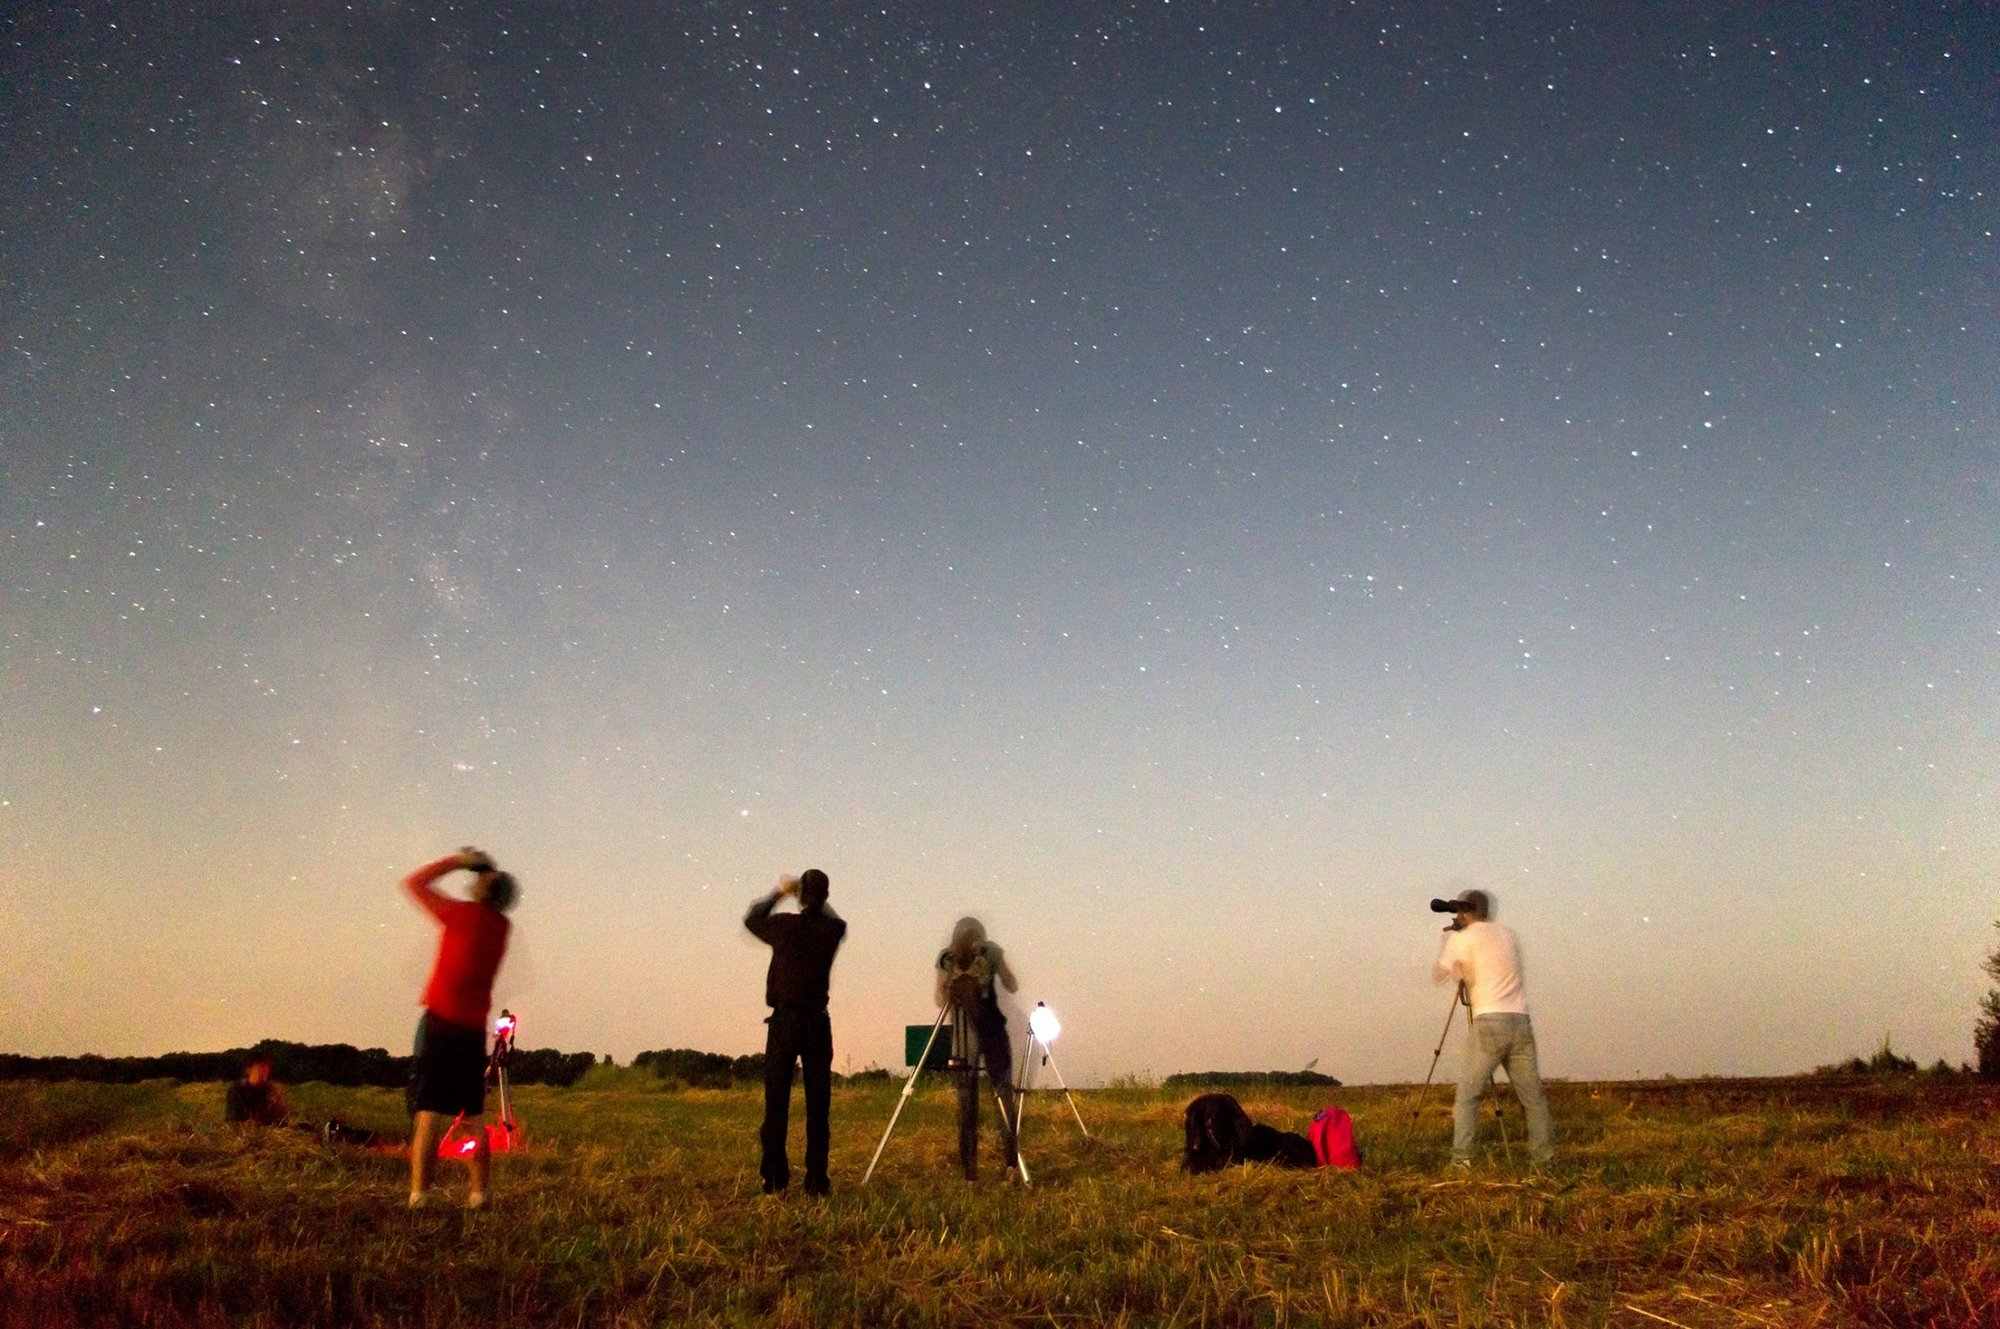 Любителі астрономії АстроСуми журнал Цукр Суми